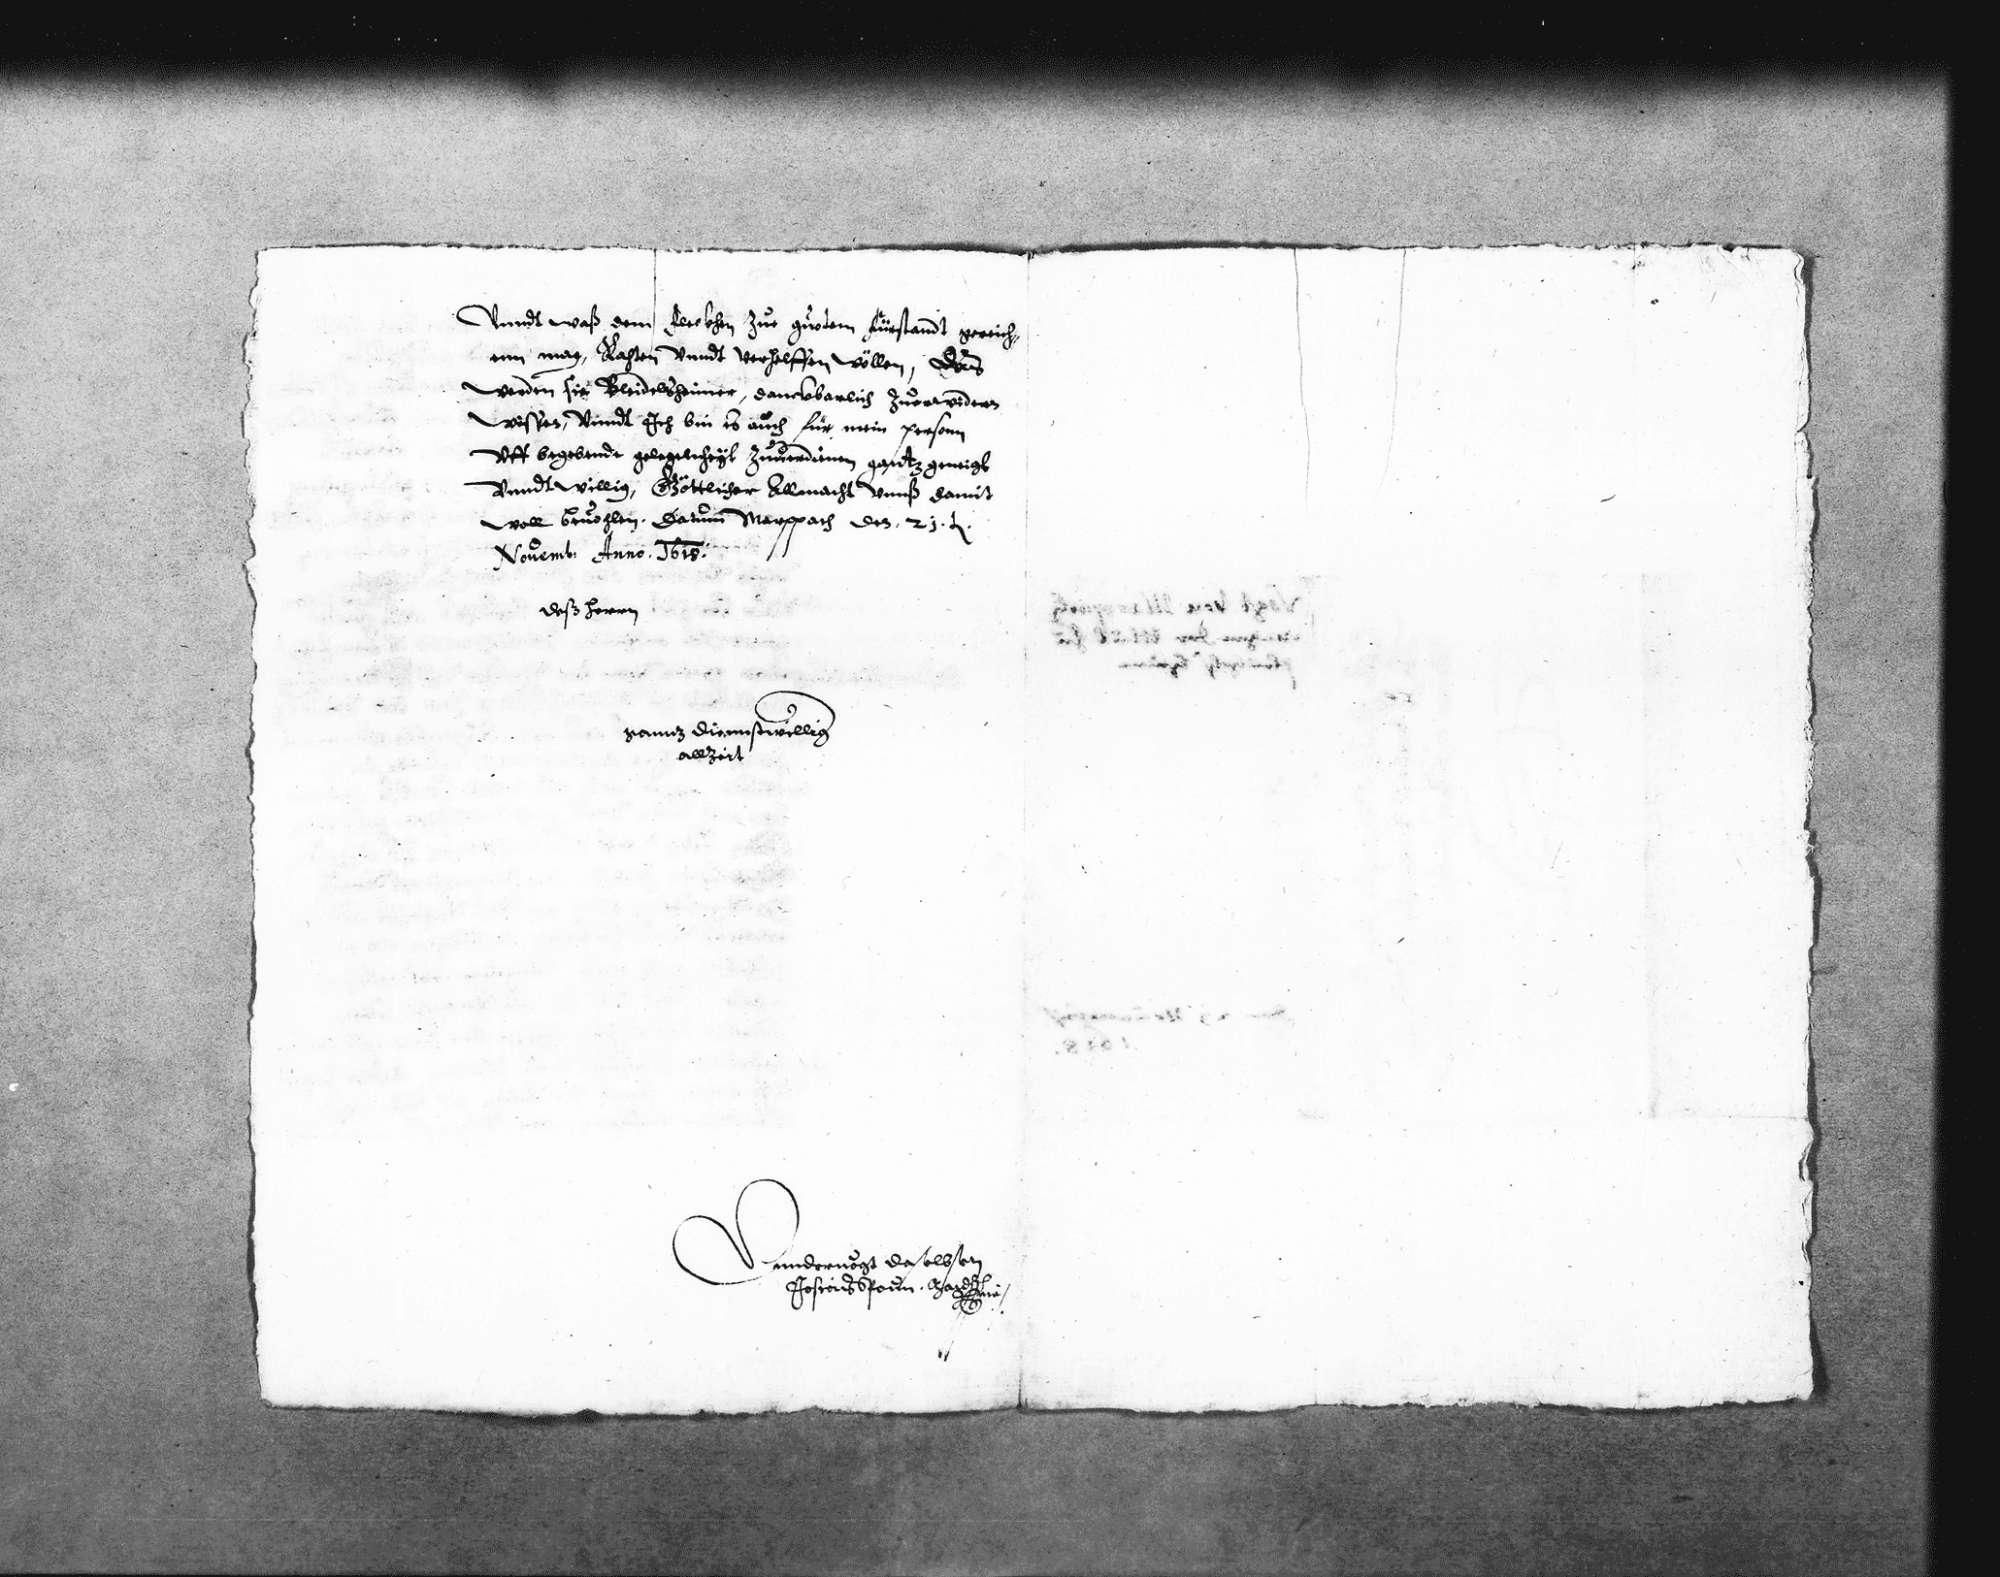 Zwei Schreiben von Josias Spoun, Untervogt in Marbach, zur Beschwerde der Ingersheimer wegen der geplanten Mühle, 21. November 1618, 20. Februar 1619 (2 Folio Doppelblatt); dazu Aufzeichnungen Schickhardts über die Rechtslage zwischen Großingersheim und Pleidelsheim (Folio Doppelblatt), mit Verweis auf den Abriss No. 1 und 2; Auflistung des Holzbedarfs, mit Notiz zur Bezahlung von Kilian Kesenbrot für seine Arbeiten an der Mühle, 3. August 1619 (Folio), Bild 2